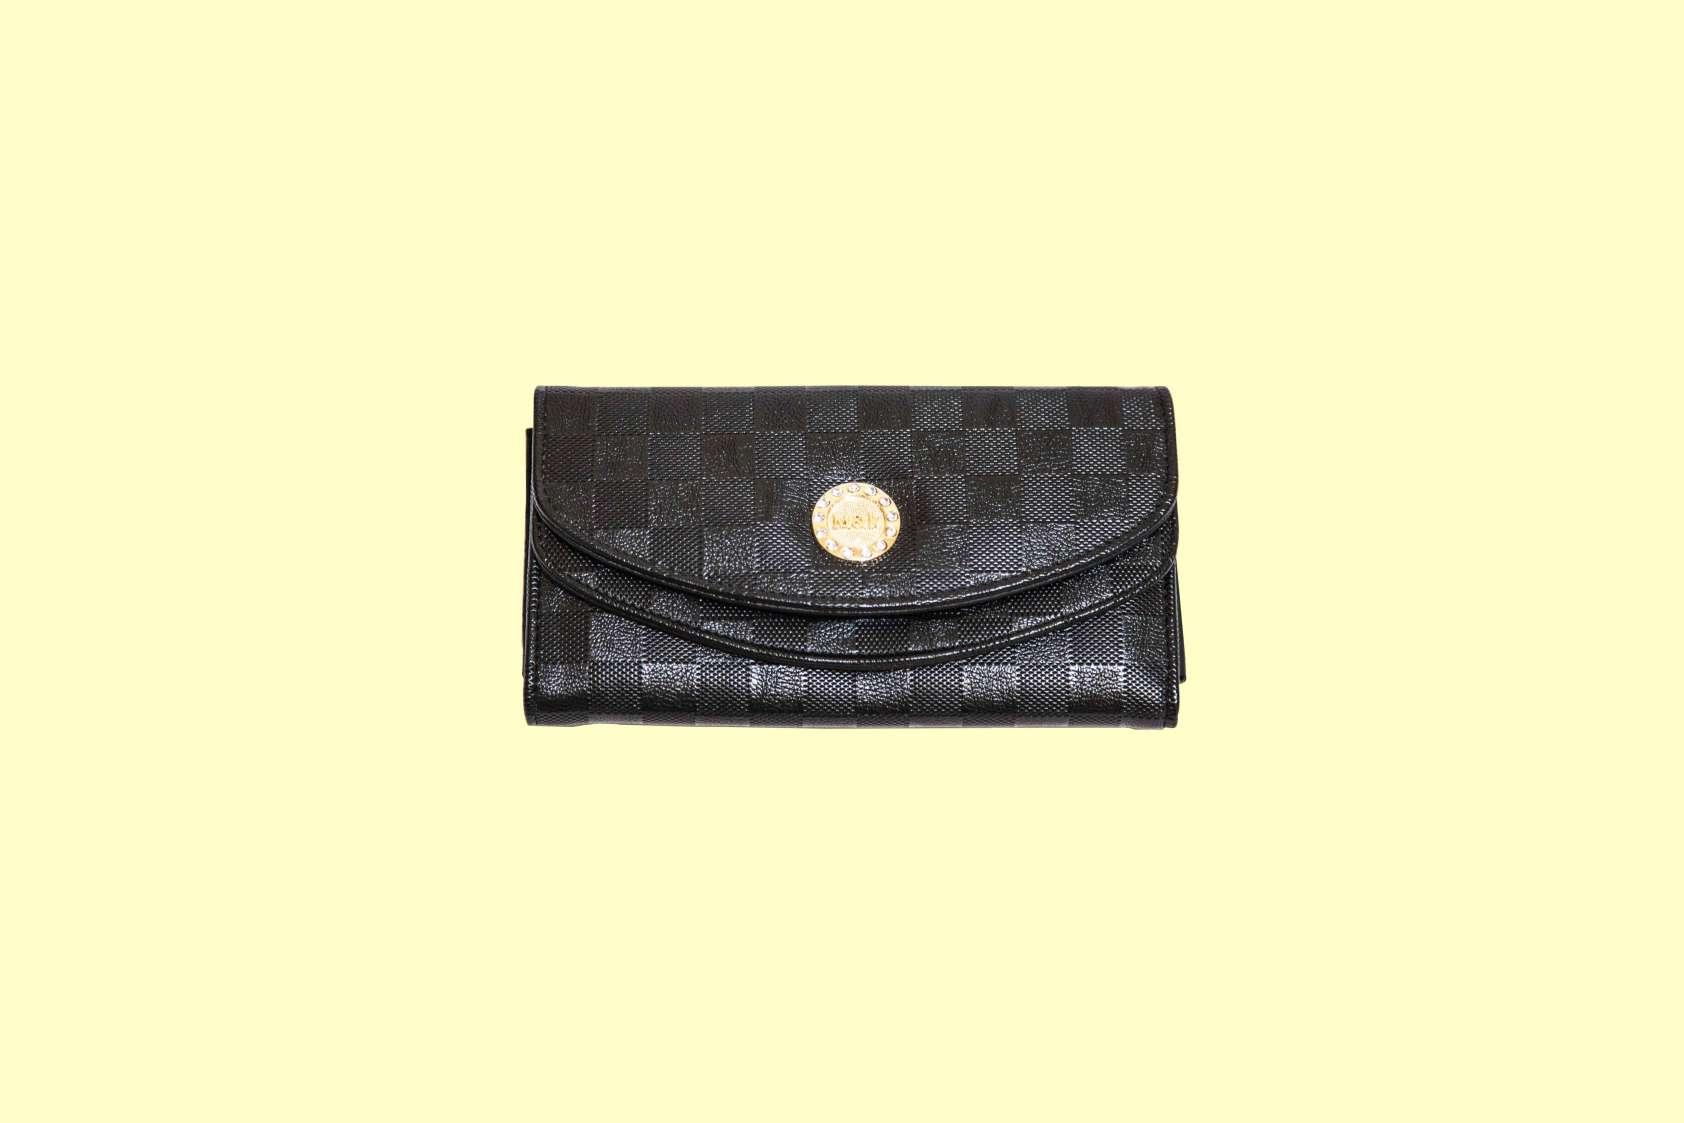 کیف پول چرمی زنانه - هدایای تبلیغاتی